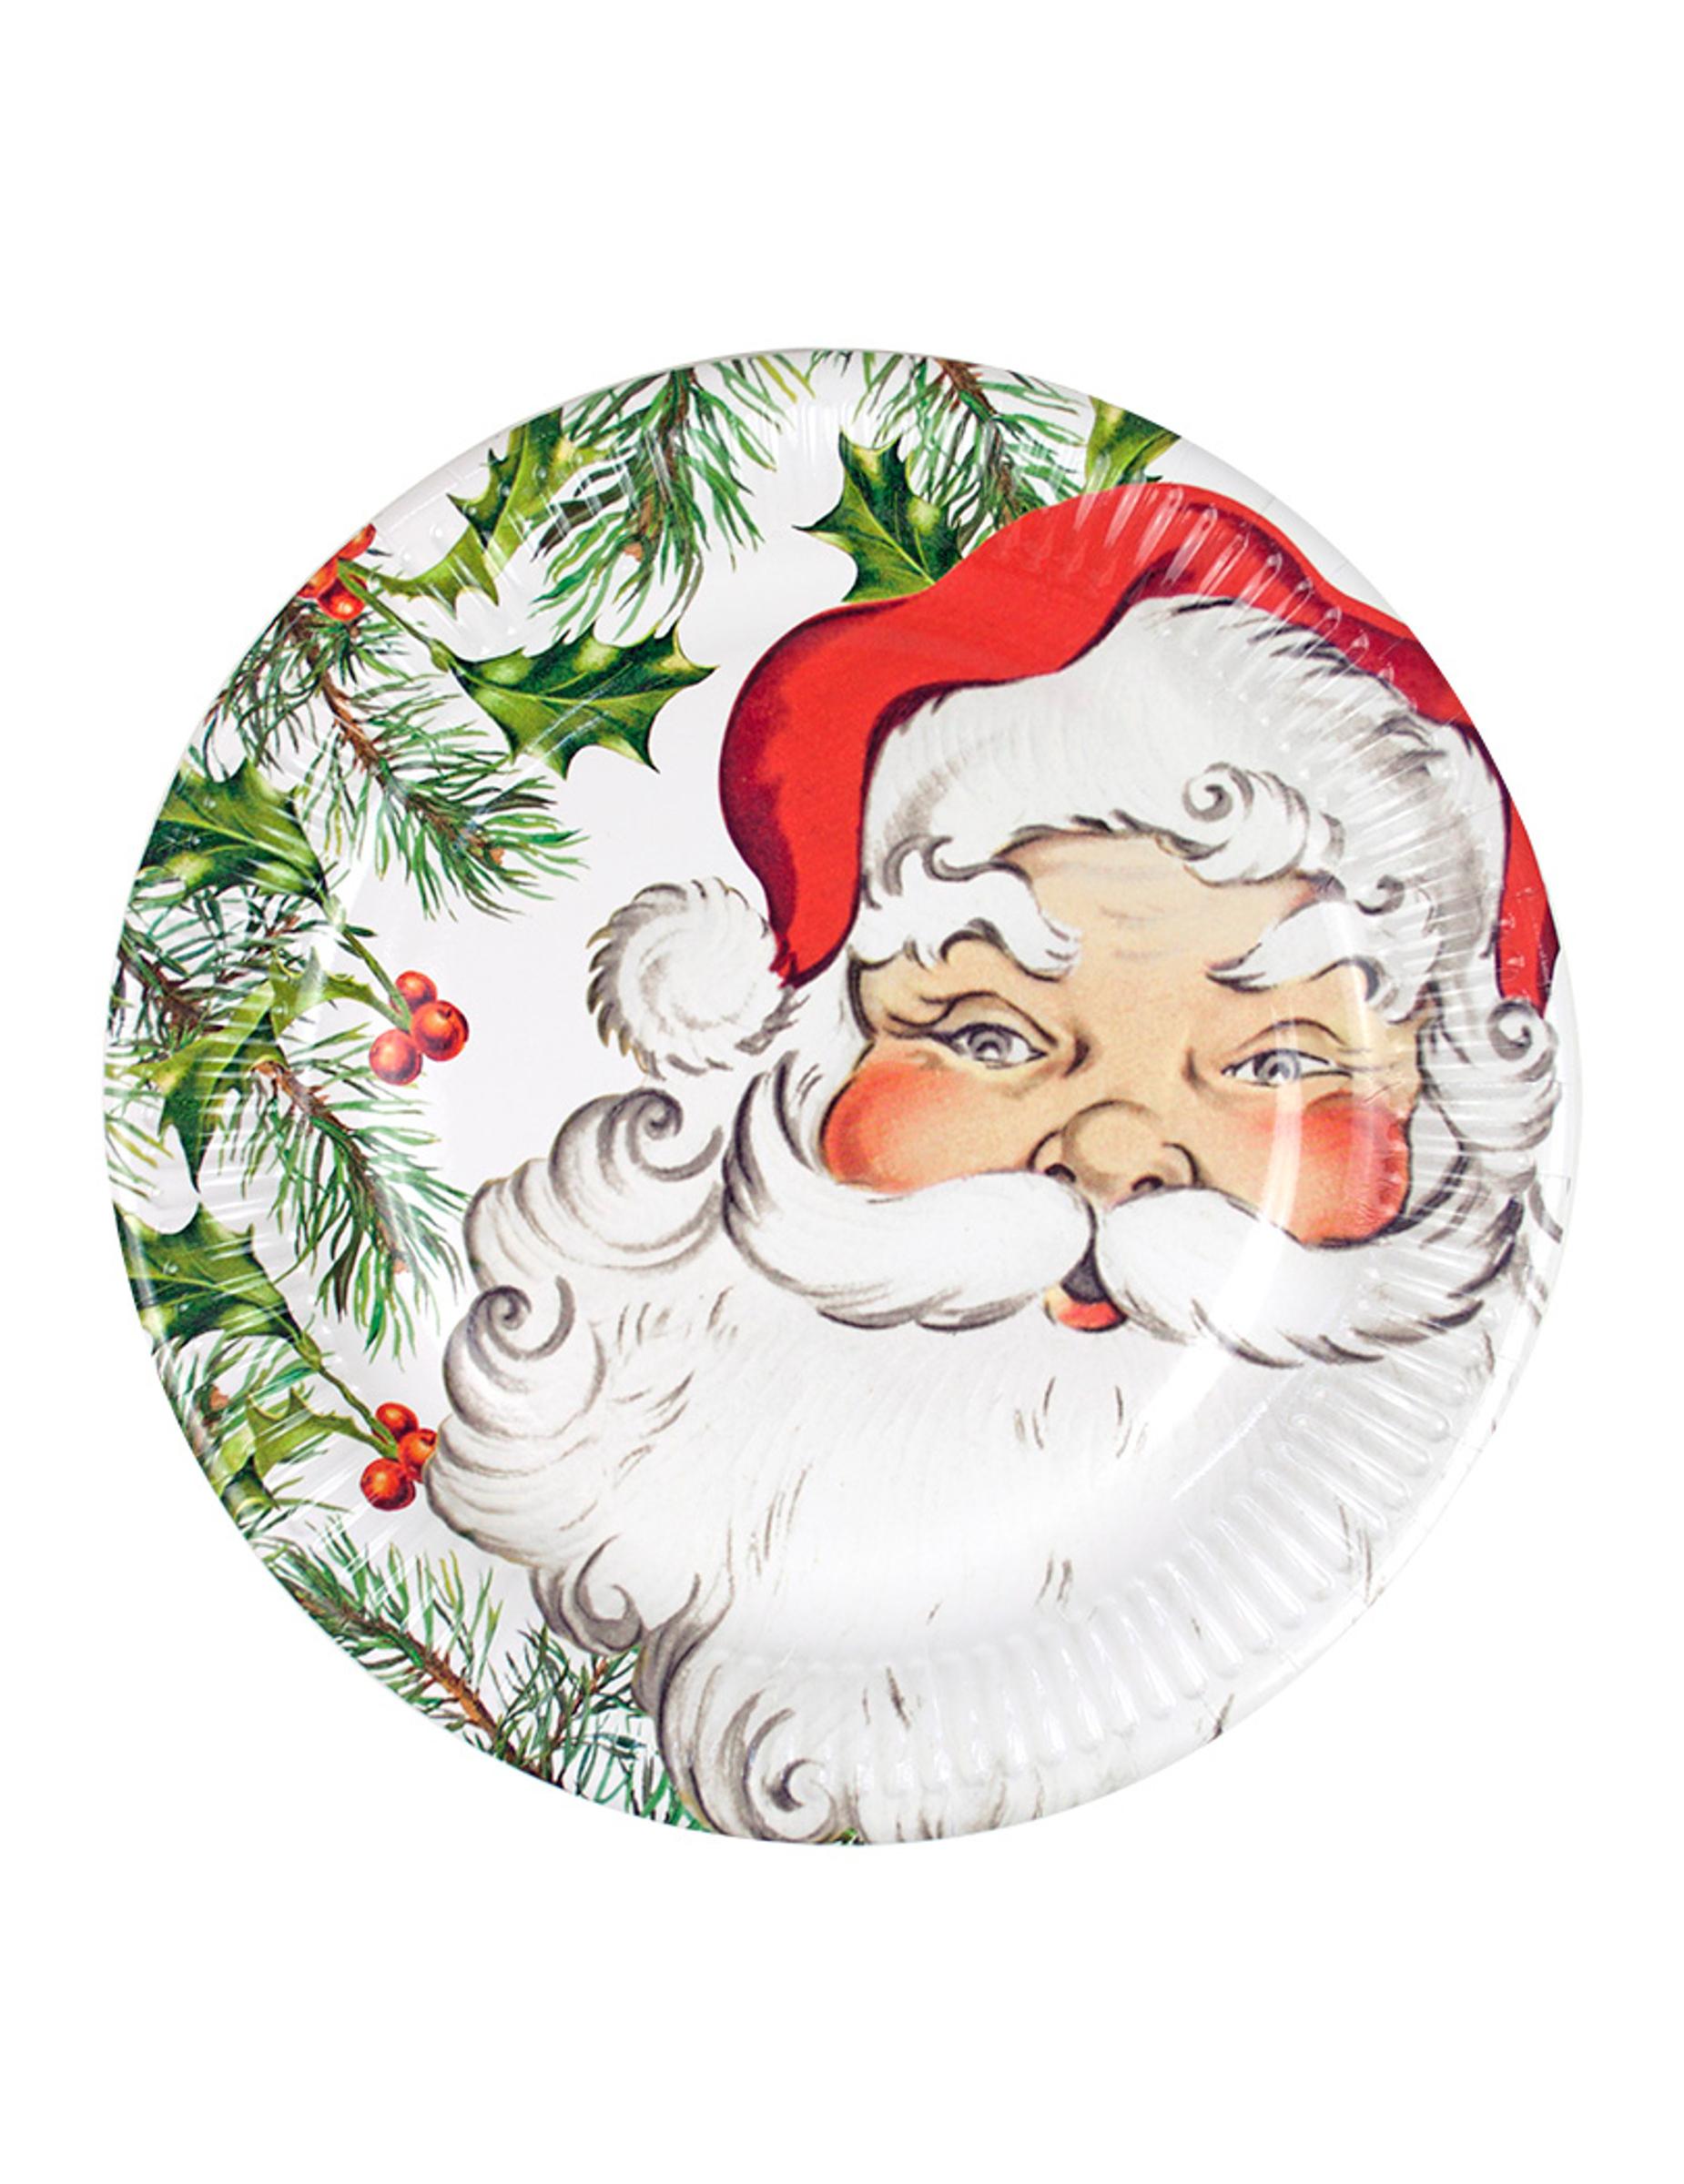 Günstige Christbaumkugeln.Weihnachts Pappteller Mit Christbaumkugeln 8 Stück 23 Cm